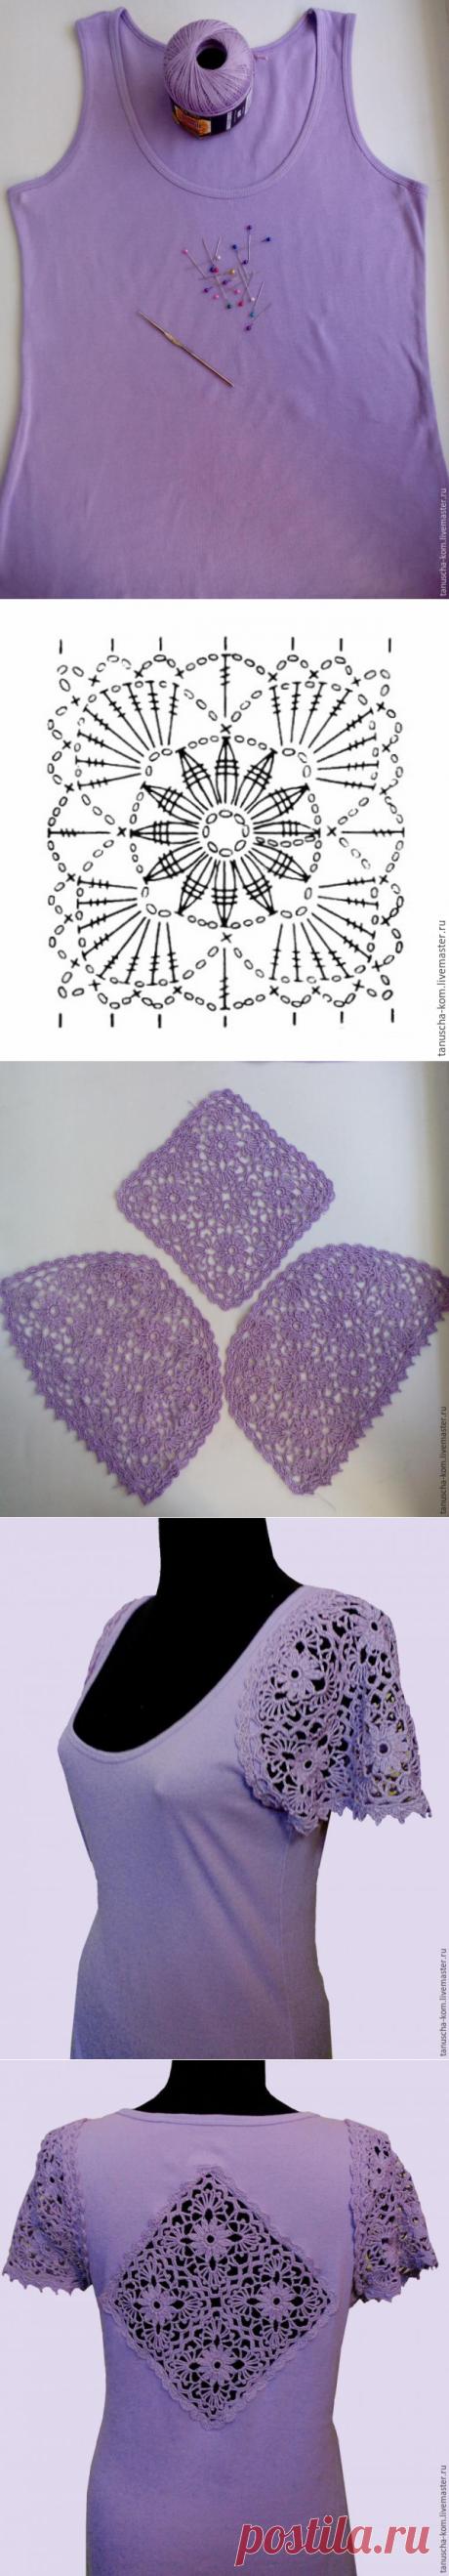 Вязание+ткань | Записи в рубрике Вязание+ткань | Дневник Ольга_Вяжет : Блоги на Труде